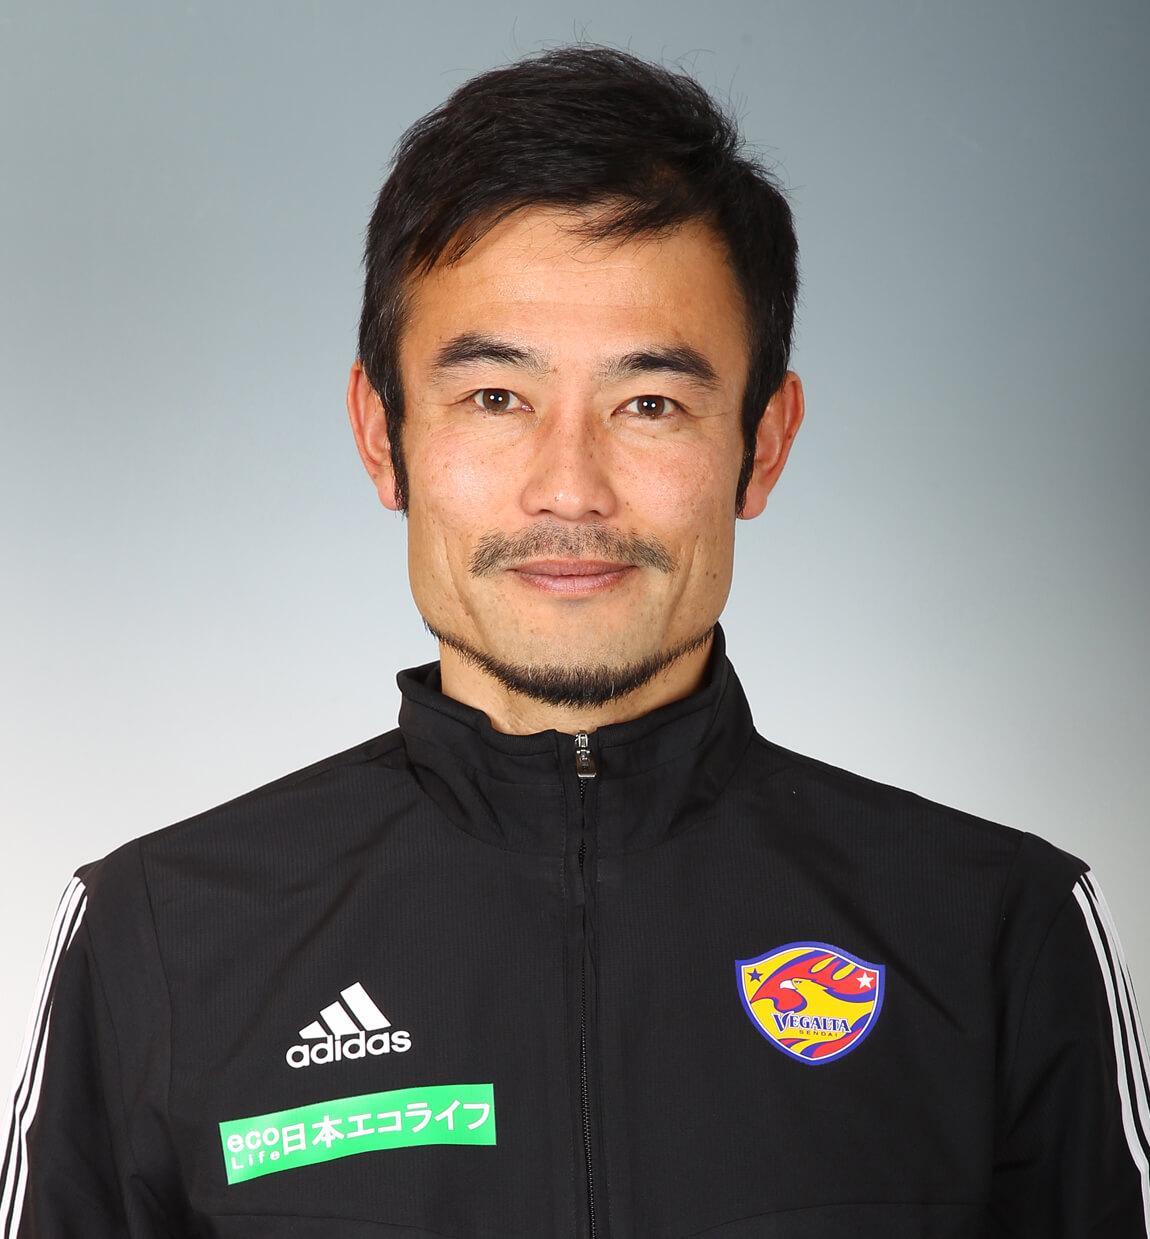 【ベガルタ仙台】小林 慶行ヘッドコーチ 退任のお知らせ 画像